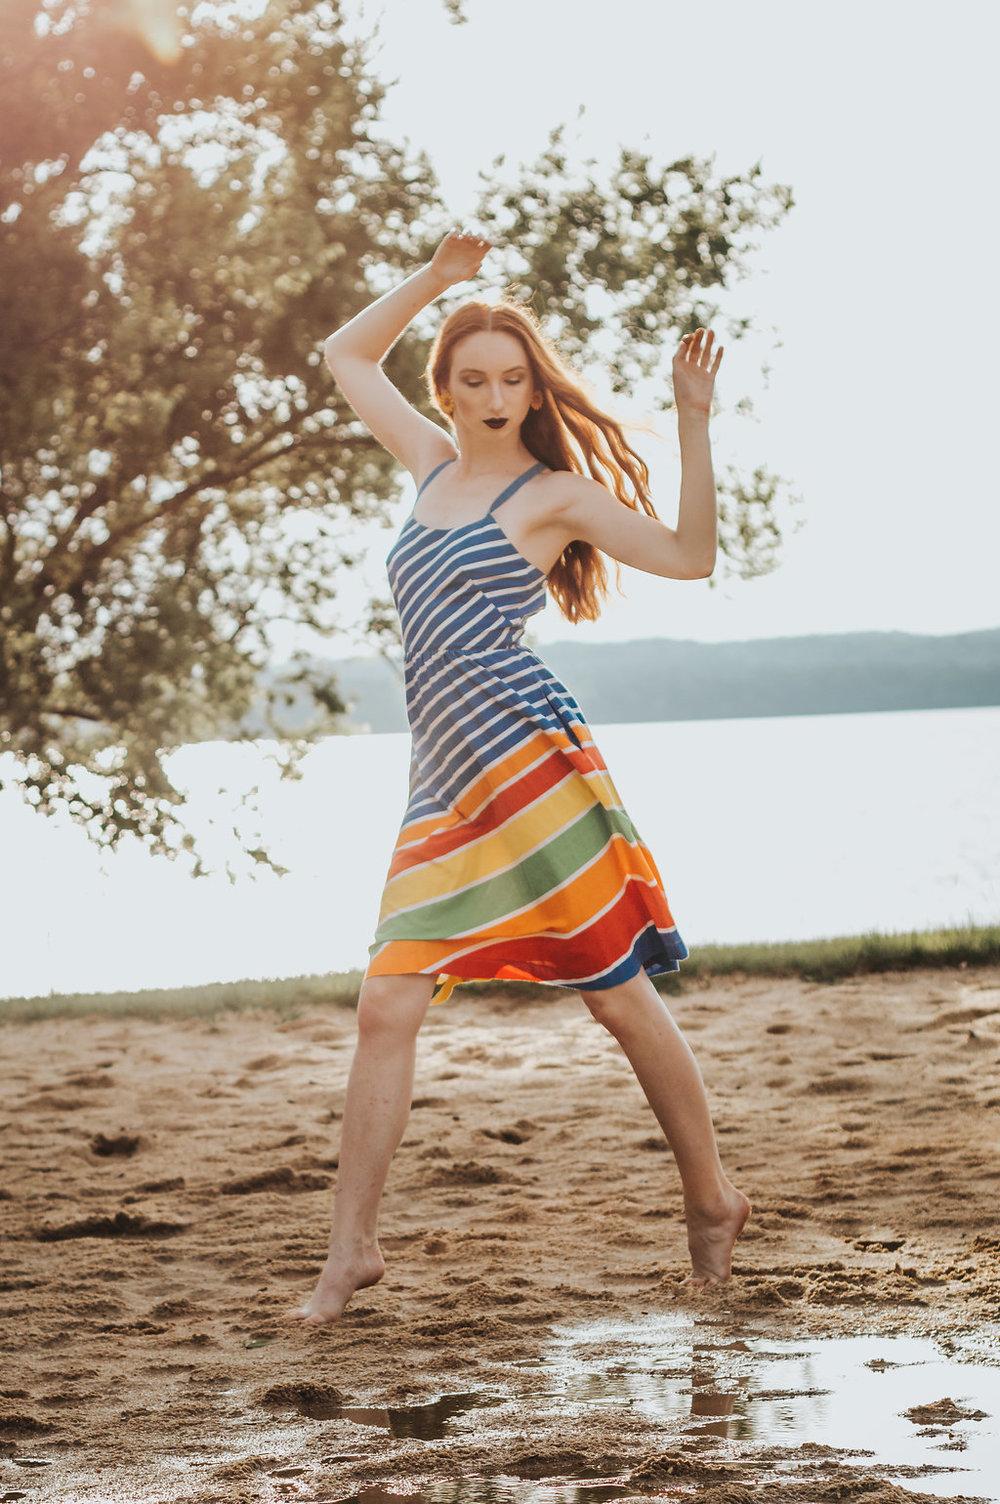 Model Photography by Mikayla Christiansen